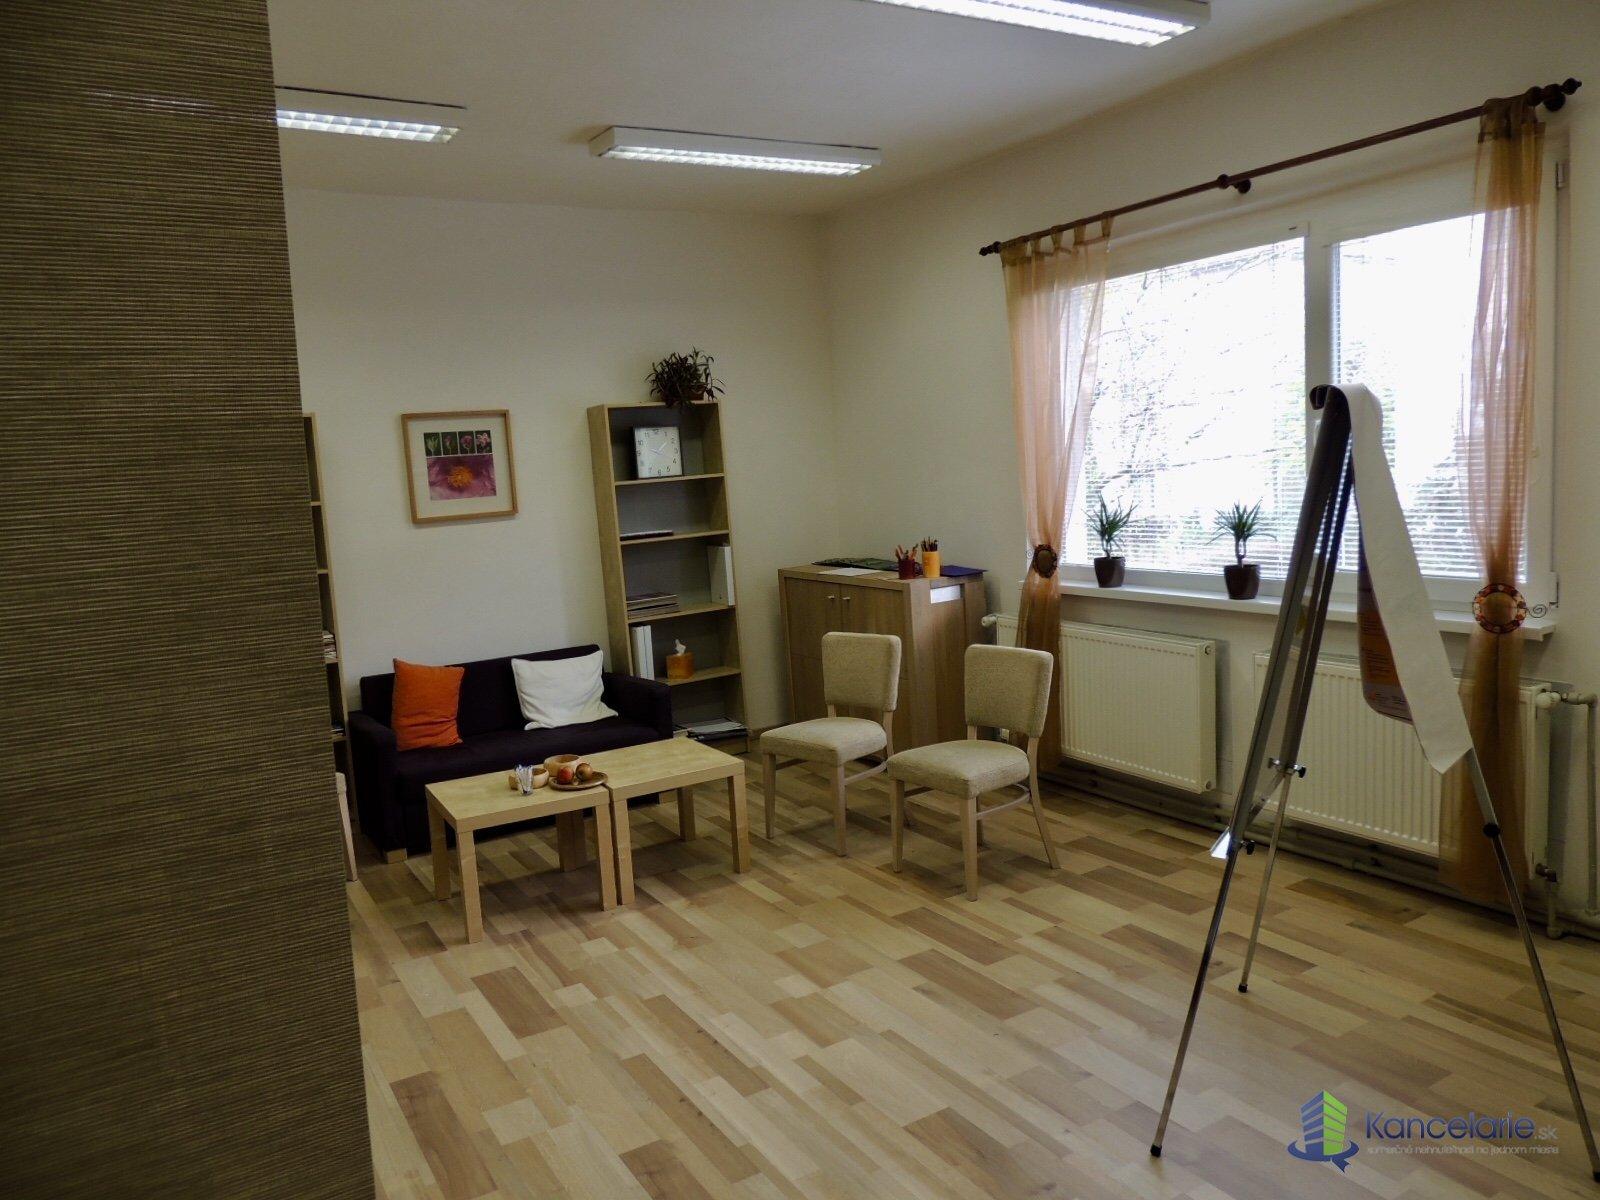 Vydavateľstvo PRÍRODA, Kancelárske priestory, Koceľova 17, Bratislava